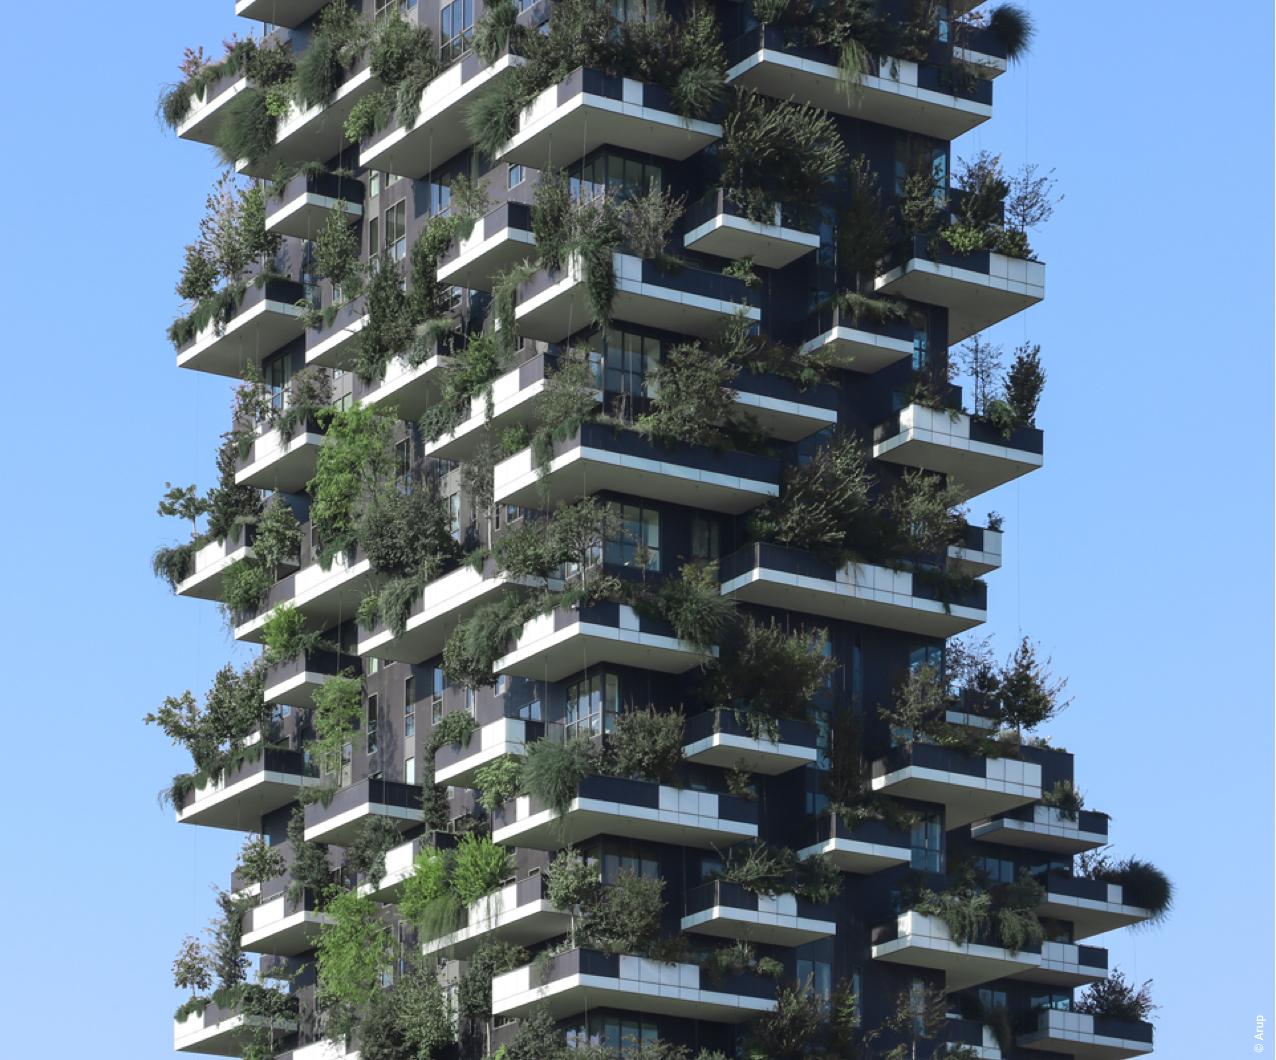 Bosco verticale estate